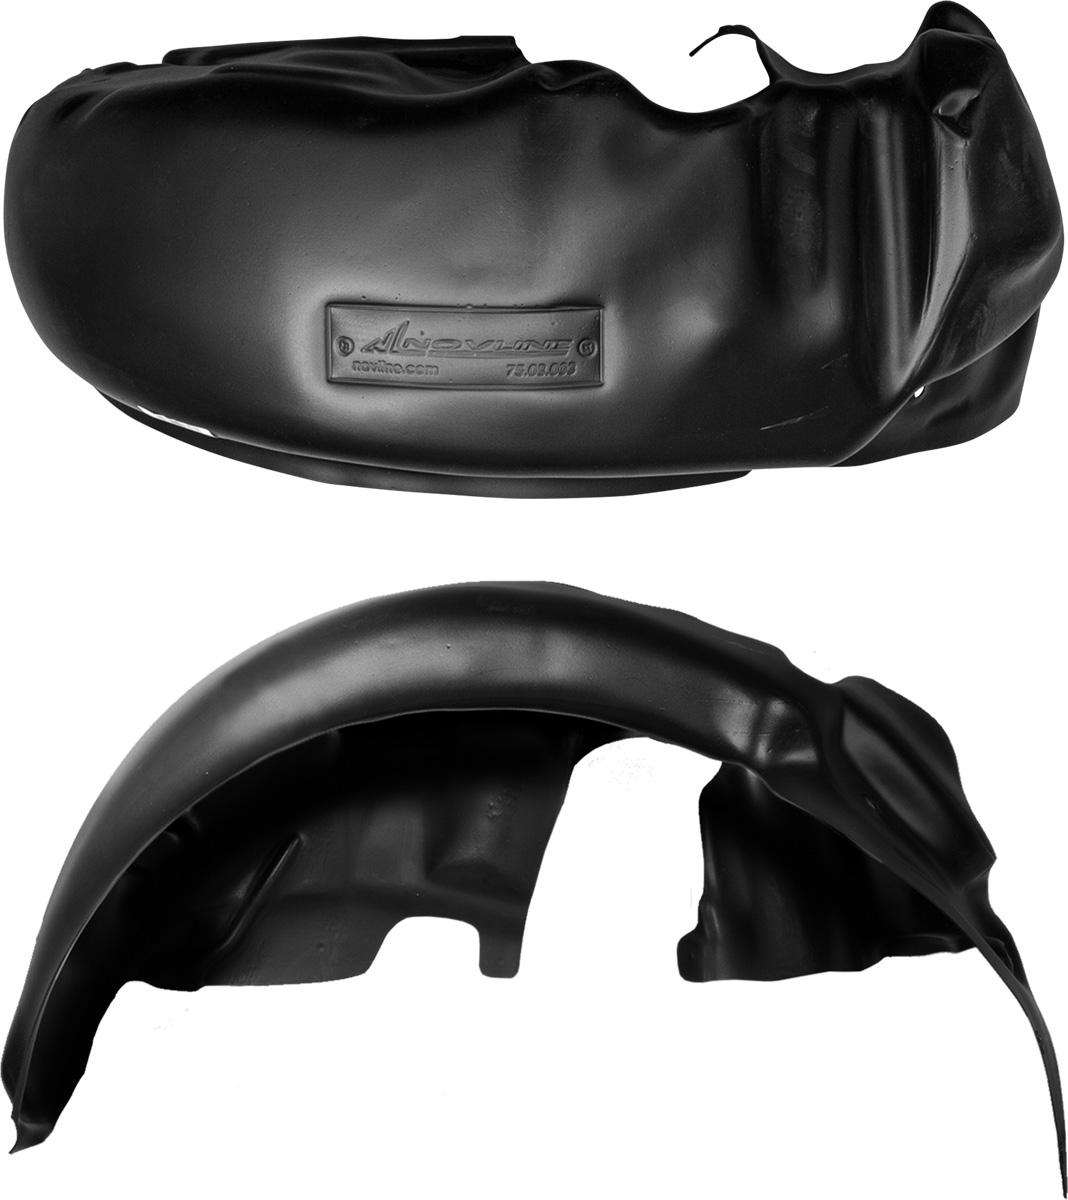 Подкрылок GREAT WALL Hover 2006-2010, задний правыйNLL.59.04.004Колесные ниши – одни из самых уязвимых зон днища вашего автомобиля. Они постоянно подвергаются воздействию со стороны дороги. Лучшая, почти абсолютная защита для них - специально отформованные пластиковые кожухи, которые называются подкрылками, или локерами. Производятся они как для отечественных моделей автомобилей, так и для иномарок. Подкрылки выполнены из высококачественного, экологически чистого пластика. Обеспечивают надежную защиту кузова автомобиля от пескоструйного эффекта и негативного влияния, агрессивных антигололедных реагентов. Пластик обладает более низкой теплопроводностью, чем металл, поэтому в зимний период эксплуатации использование пластиковых подкрылков позволяет лучше защитить колесные ниши от налипания снега и образования наледи. Оригинальность конструкции подчеркивает элегантность автомобиля, бережно защищает нанесенное на днище кузова антикоррозийное покрытие и позволяет осуществить крепление подкрылков внутри колесной арки практически без дополнительного...